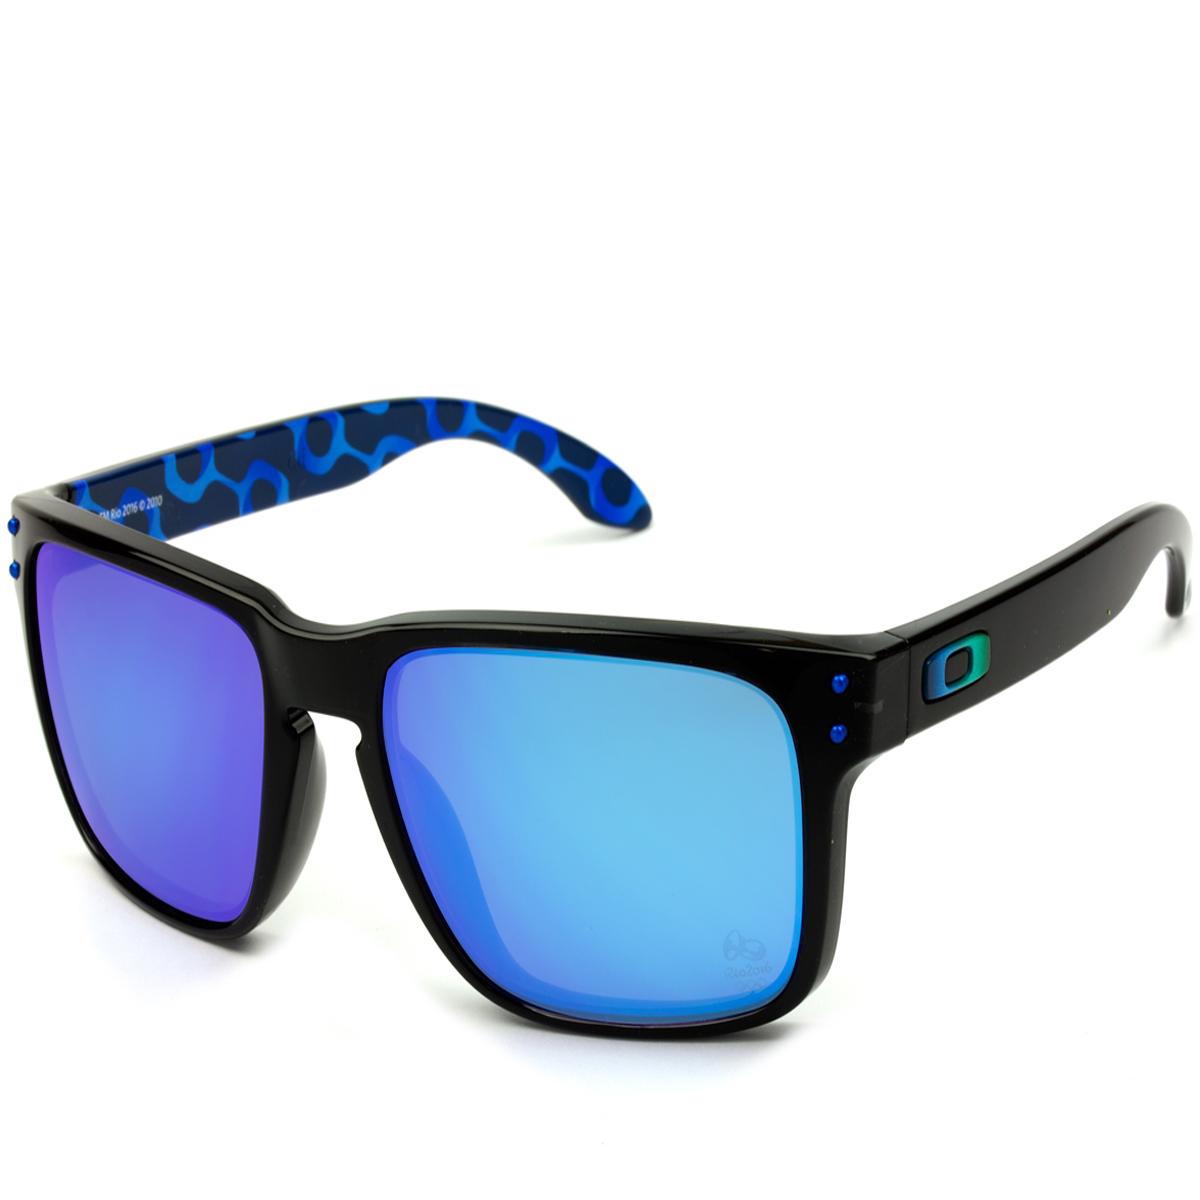 d5ae65bfc Oakley Holbrook Lente Ruby Iridium Gafas de Sol OAKLEY OO9102 HOLBROOK  oiOferta :: Óculos Oakley Holbrook com Armação Preta Fosca ...